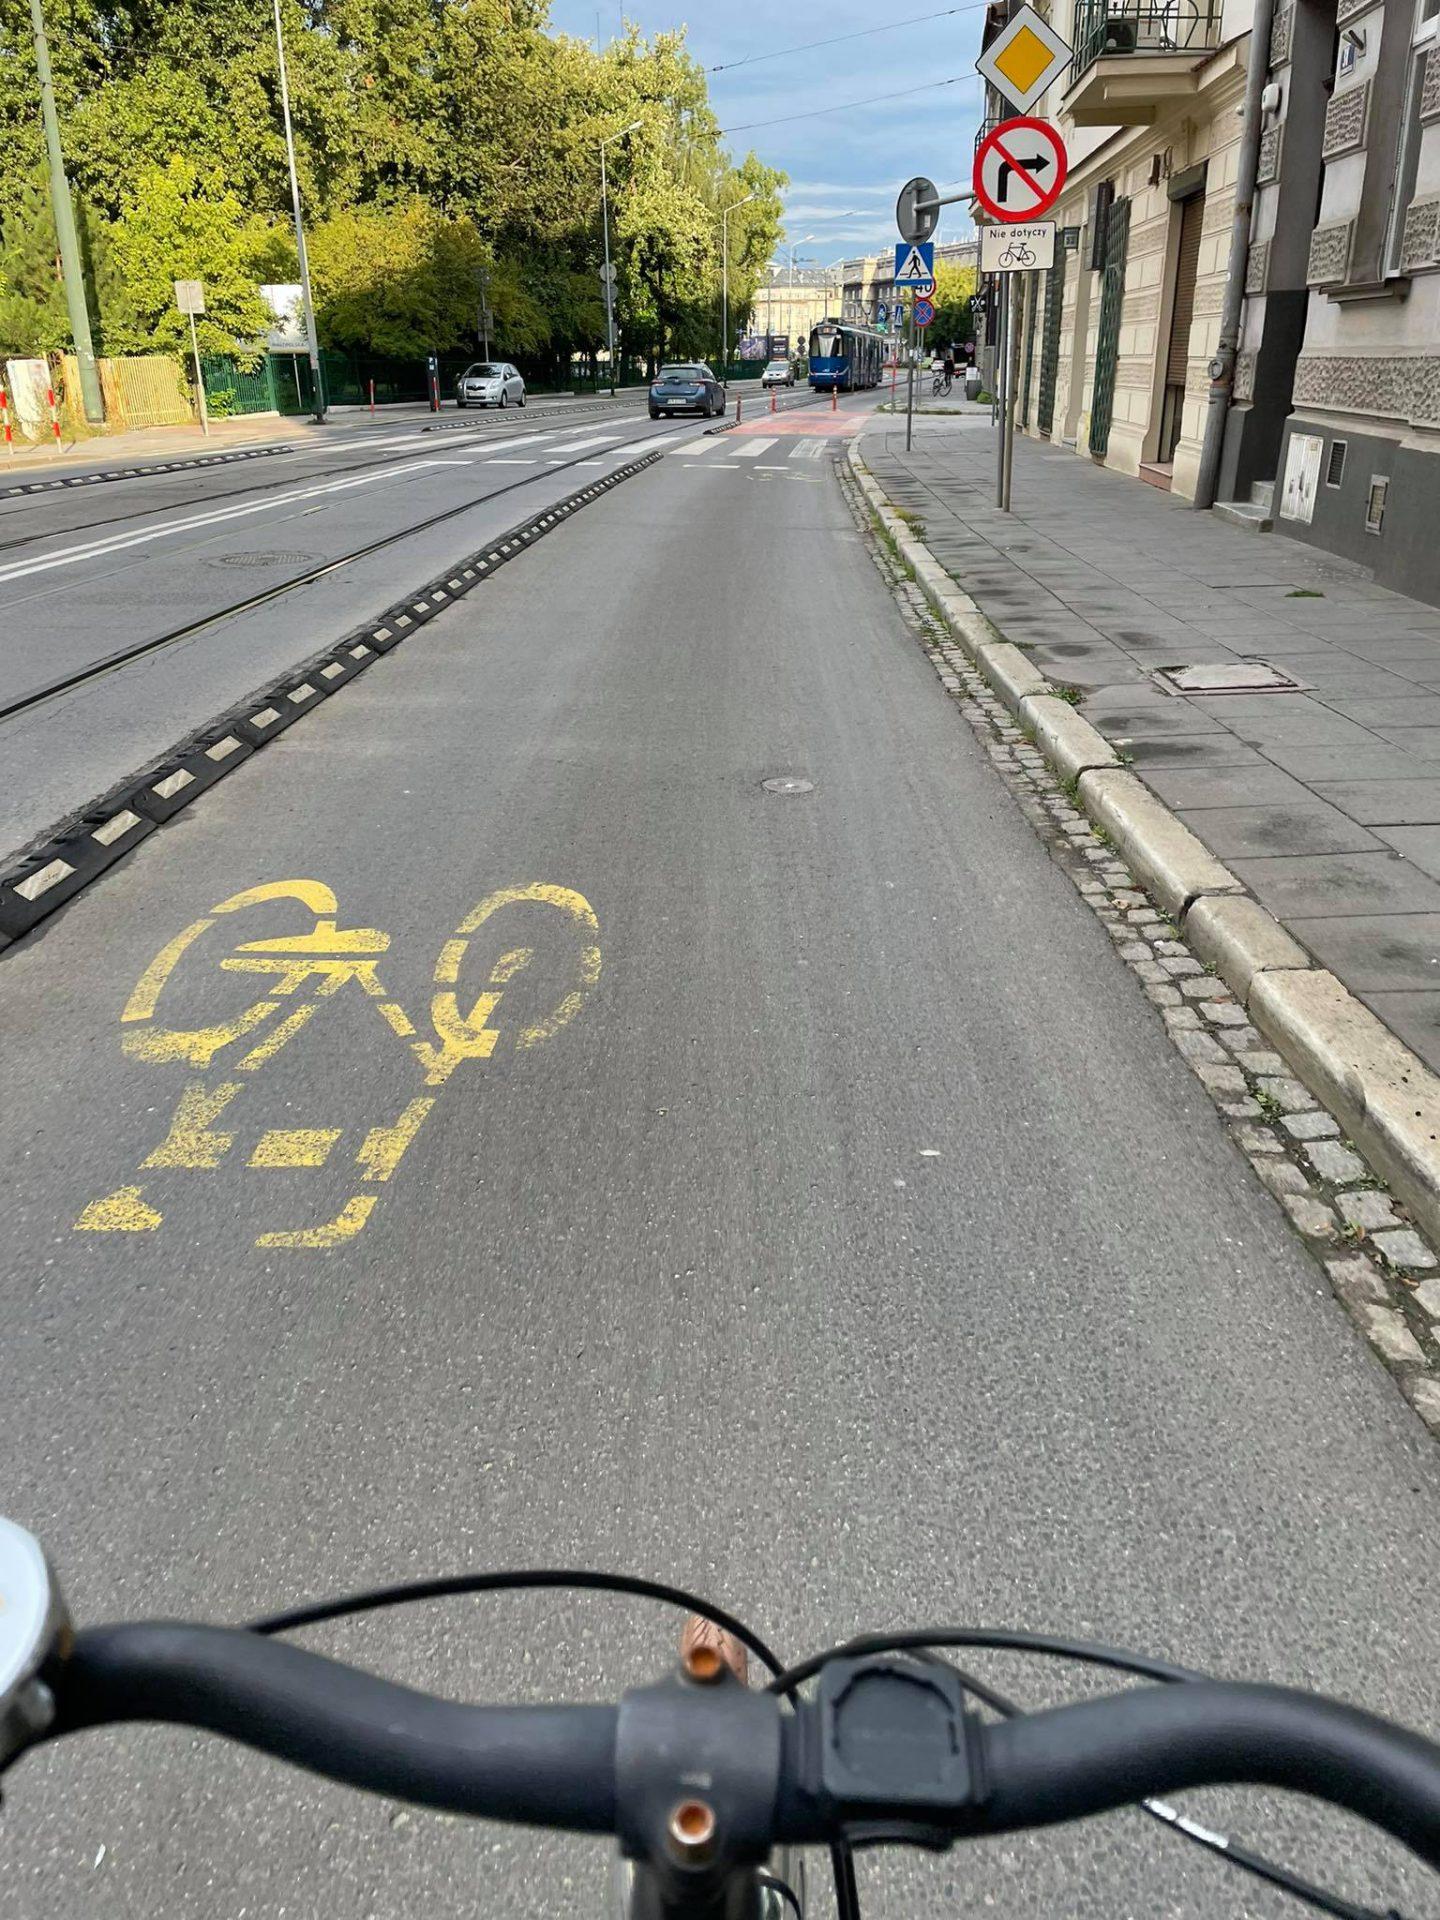 Potiomkinowska ścieżka rowerowa